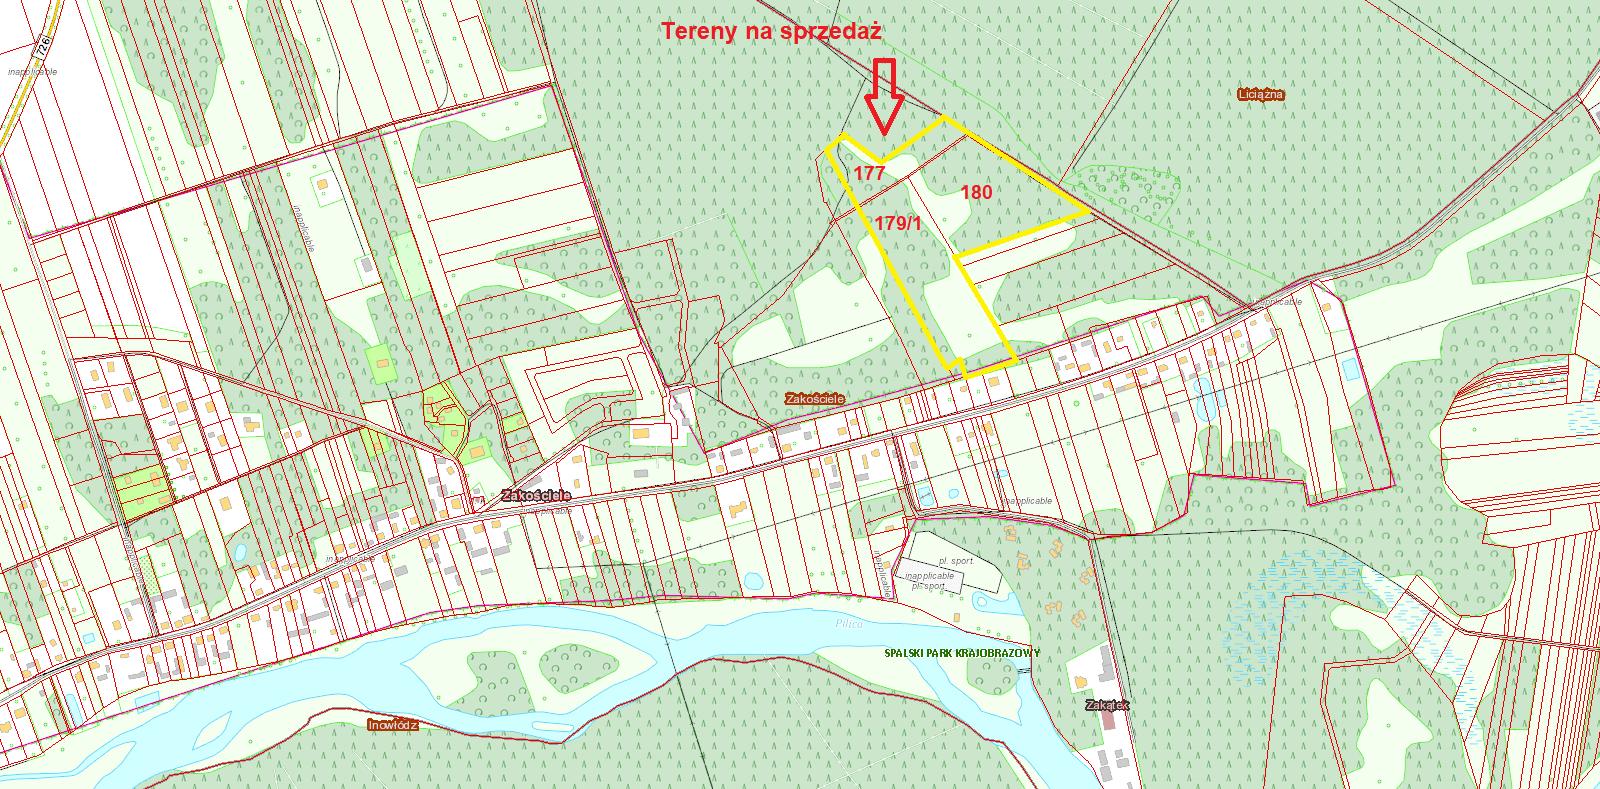 Widok Mapy